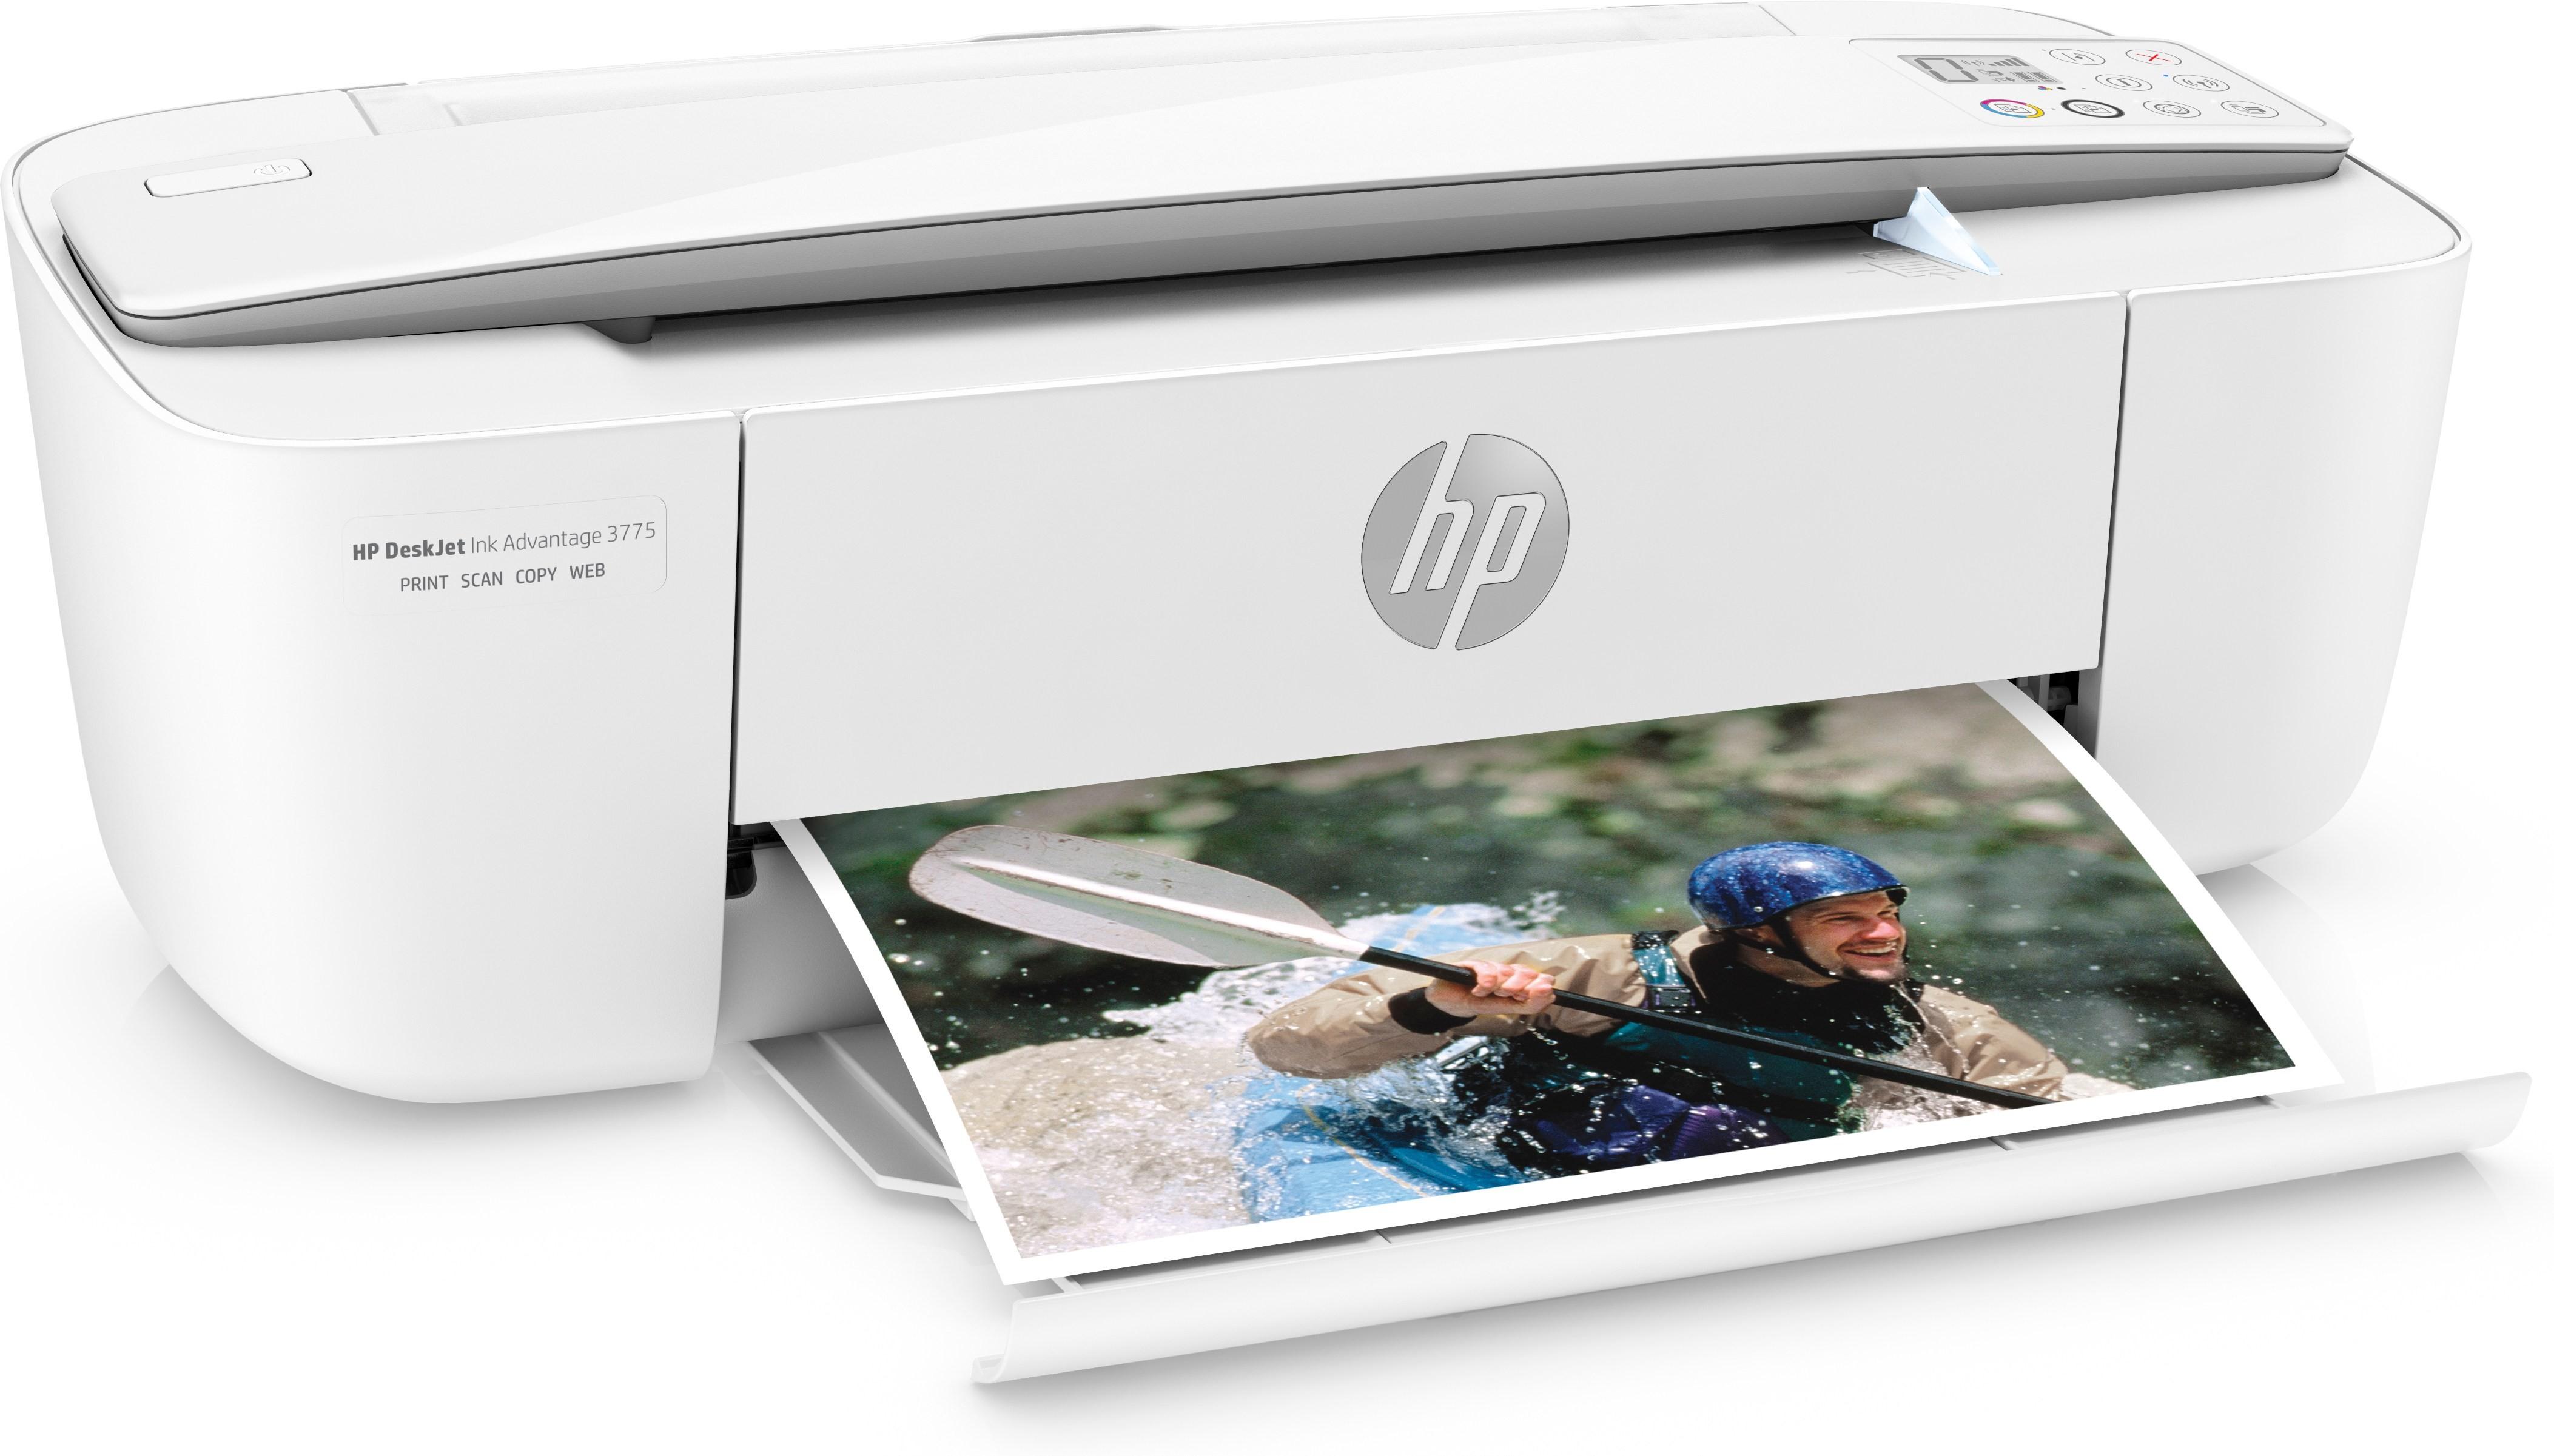 HP DeskJet Ink Advantage 3775 All-in-On